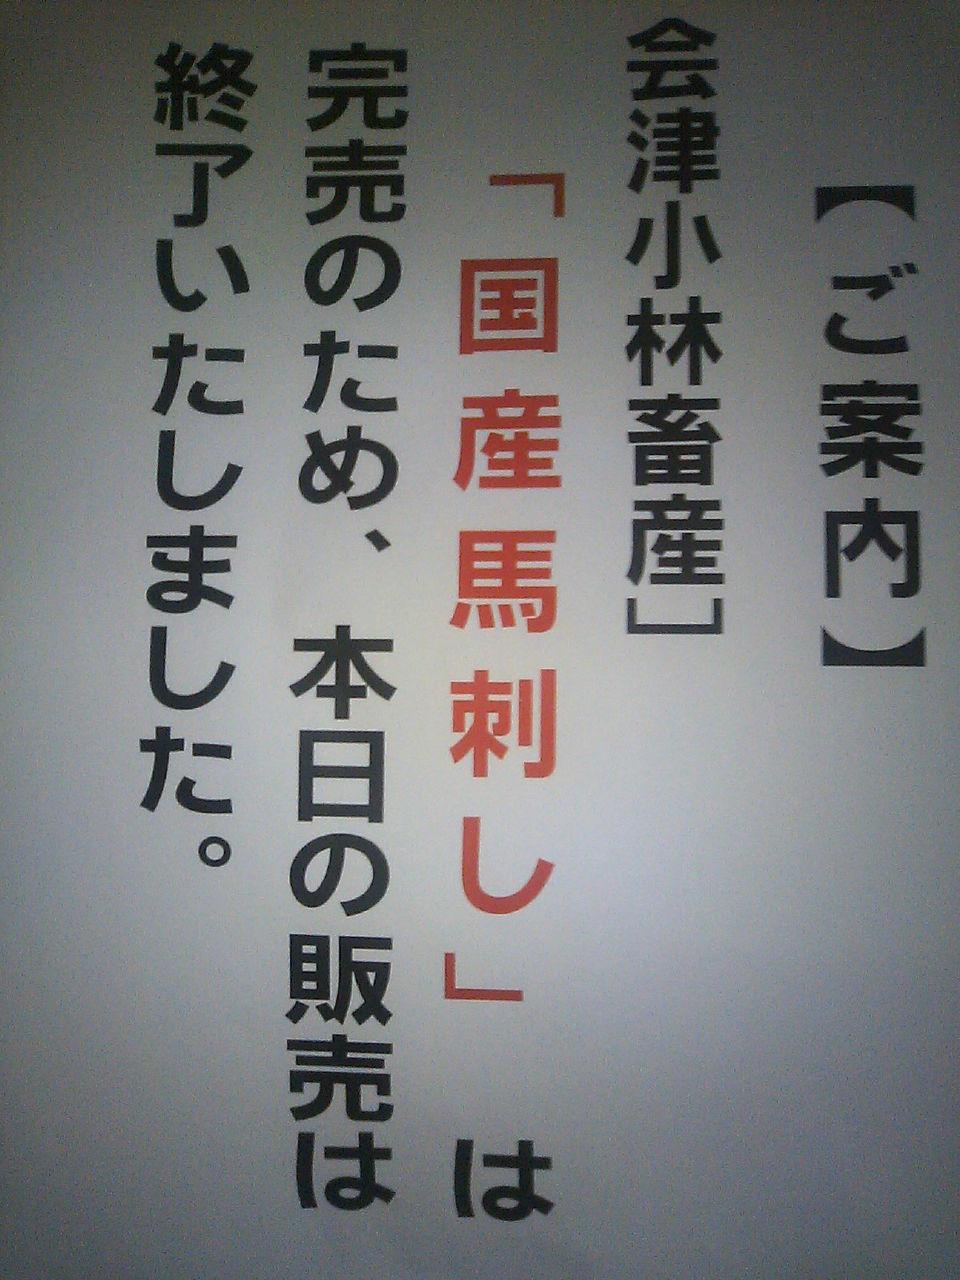 2012_0619_165214-CADDSOIY